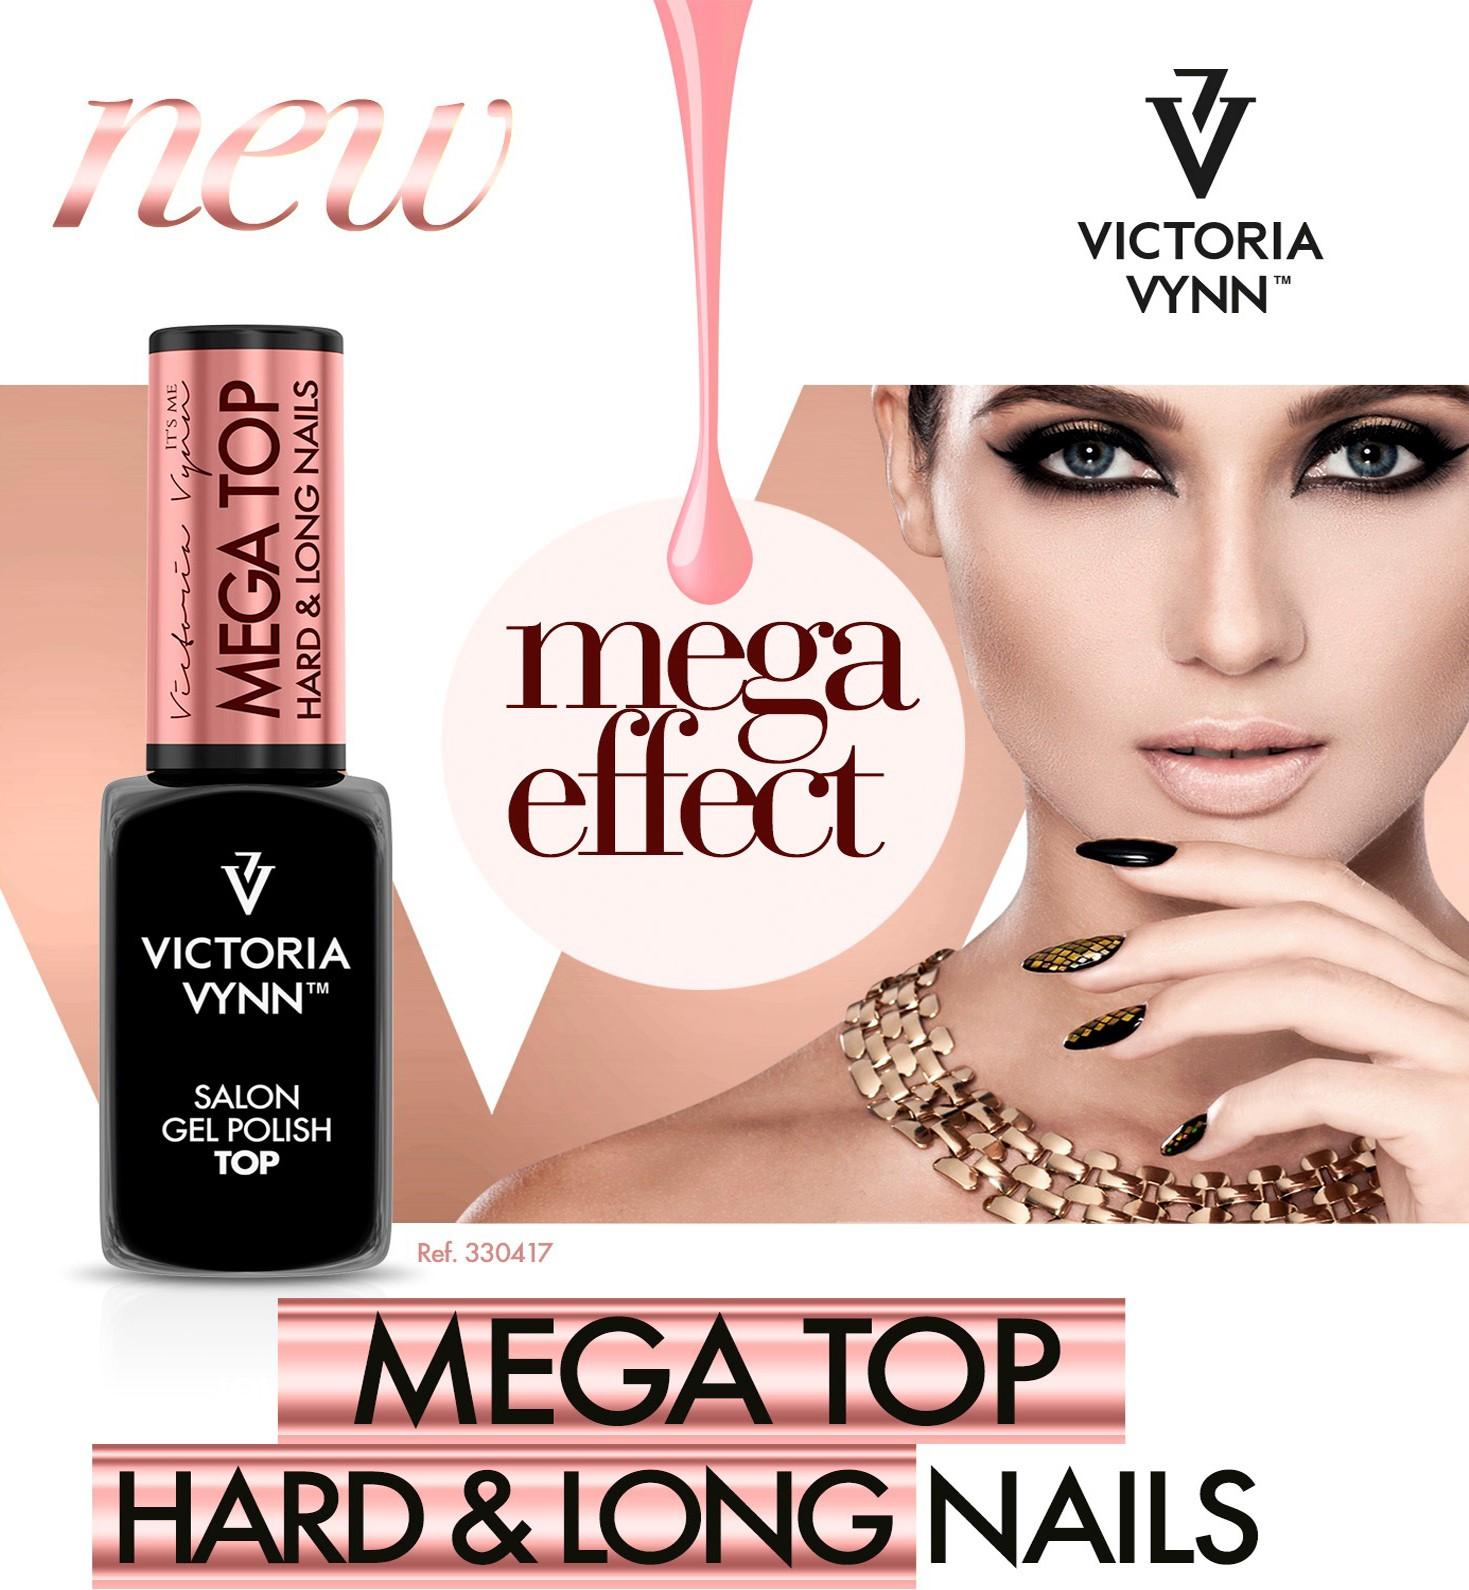 Mega Top Victoria Vynn